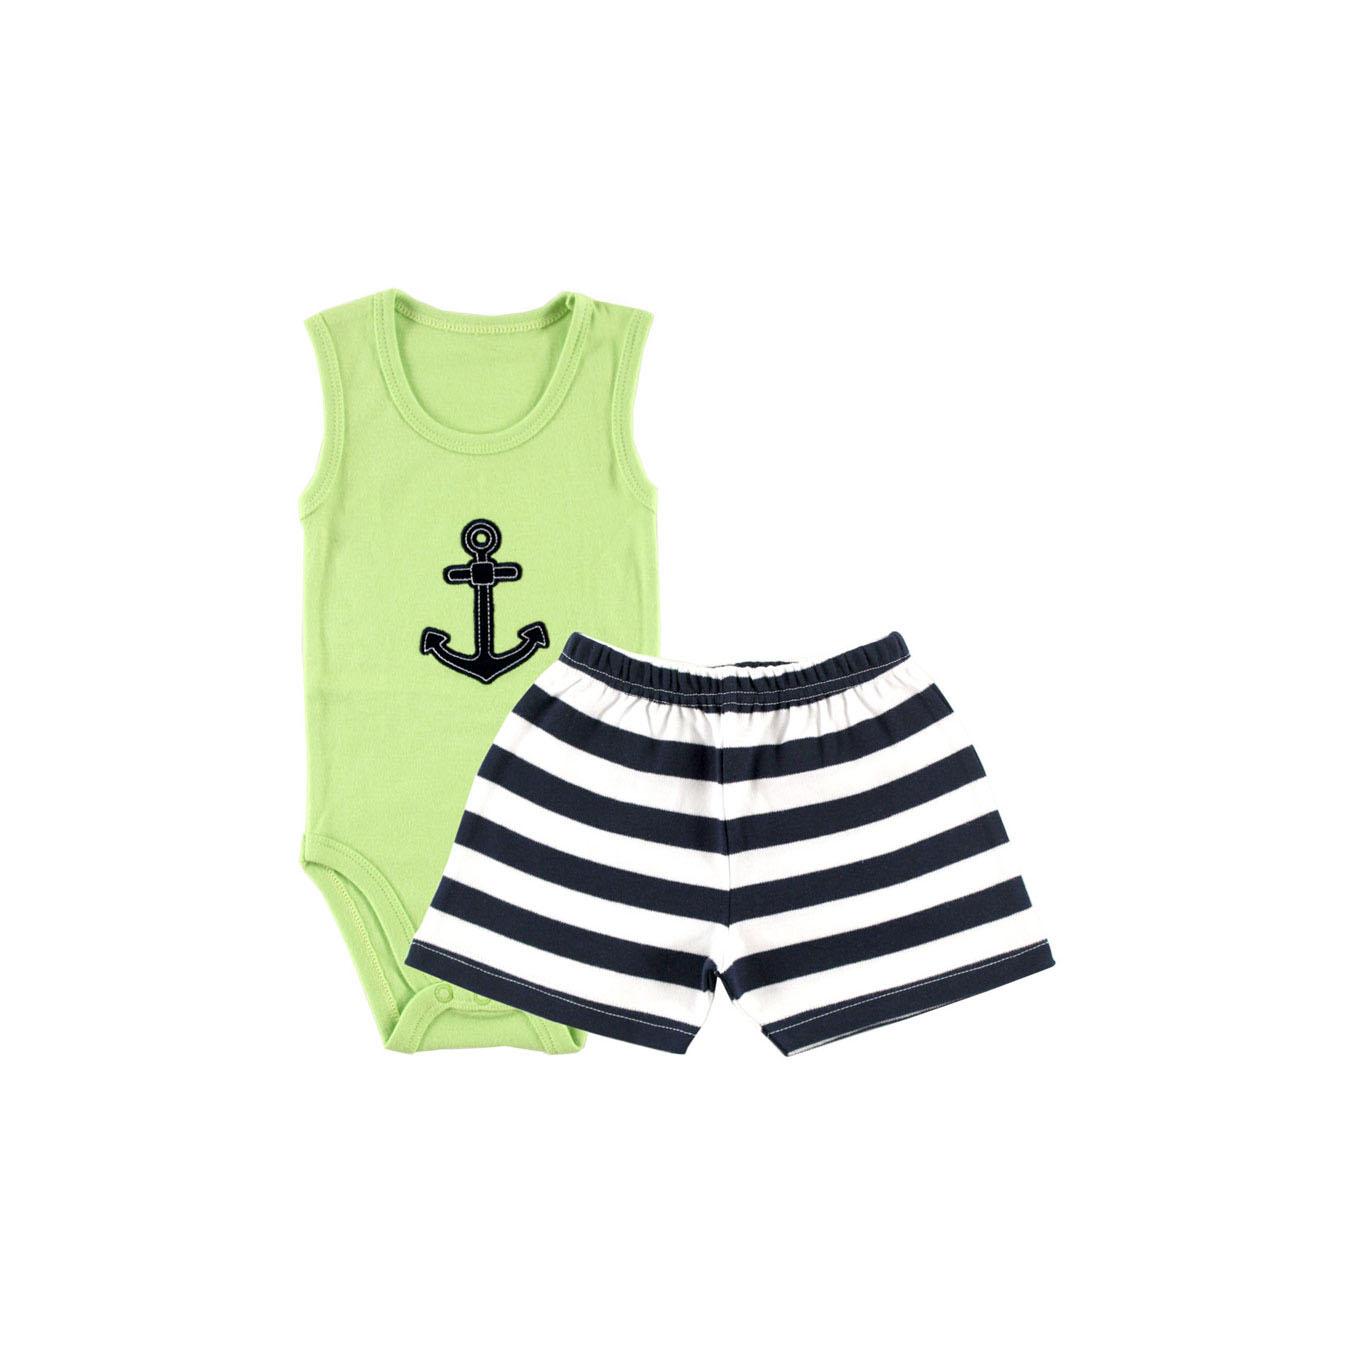 Комплект Hudson Baby Боди-майка и шорты Якорь, 2 пр., для мальчика, цвет зеленый 9-12 мес. (72-78 см)